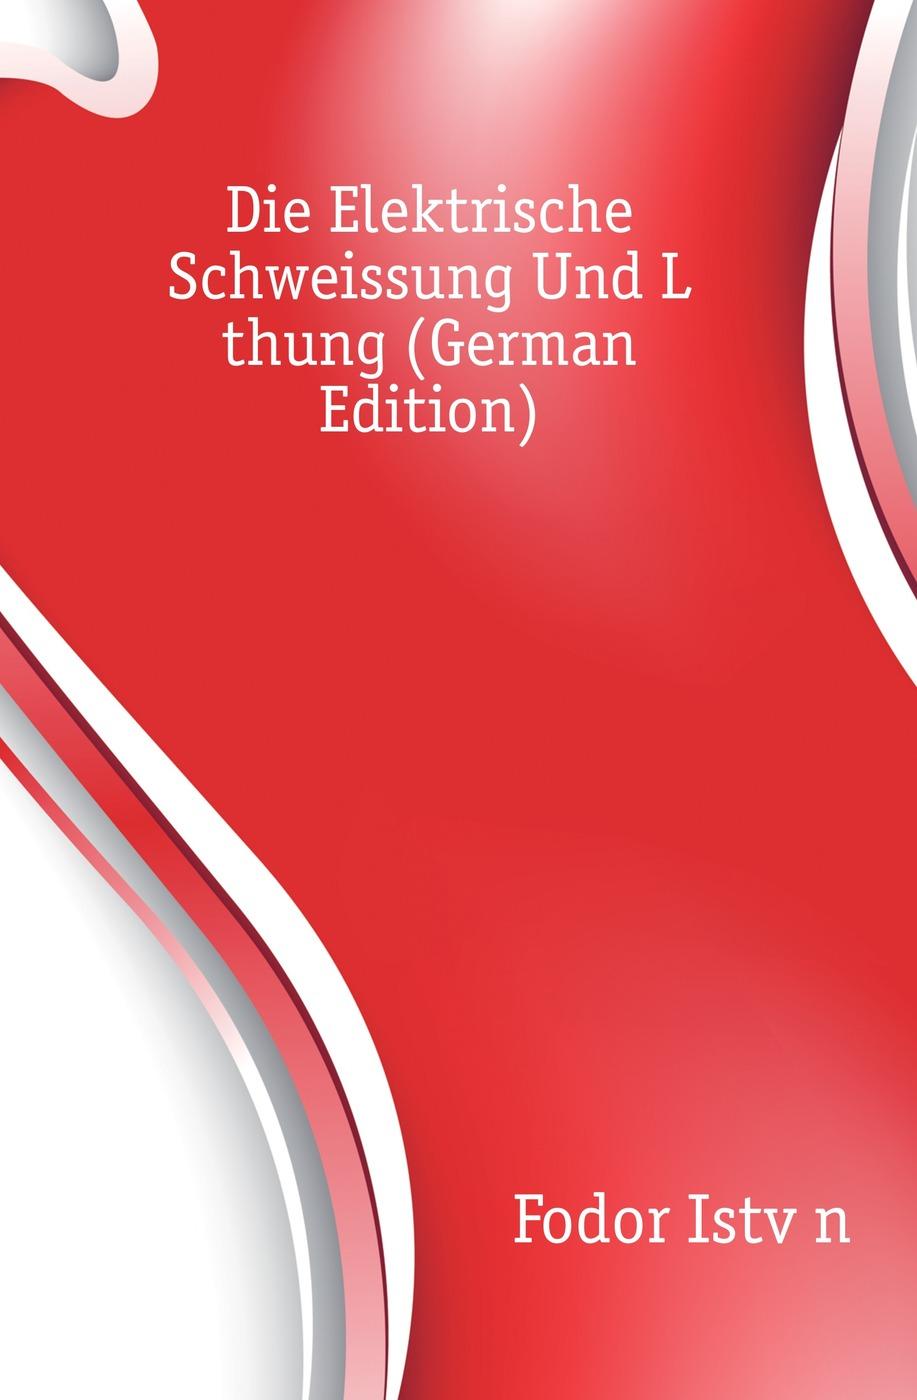 Fodor István Die Elektrische Schweissung Und Lothung (German Edition)